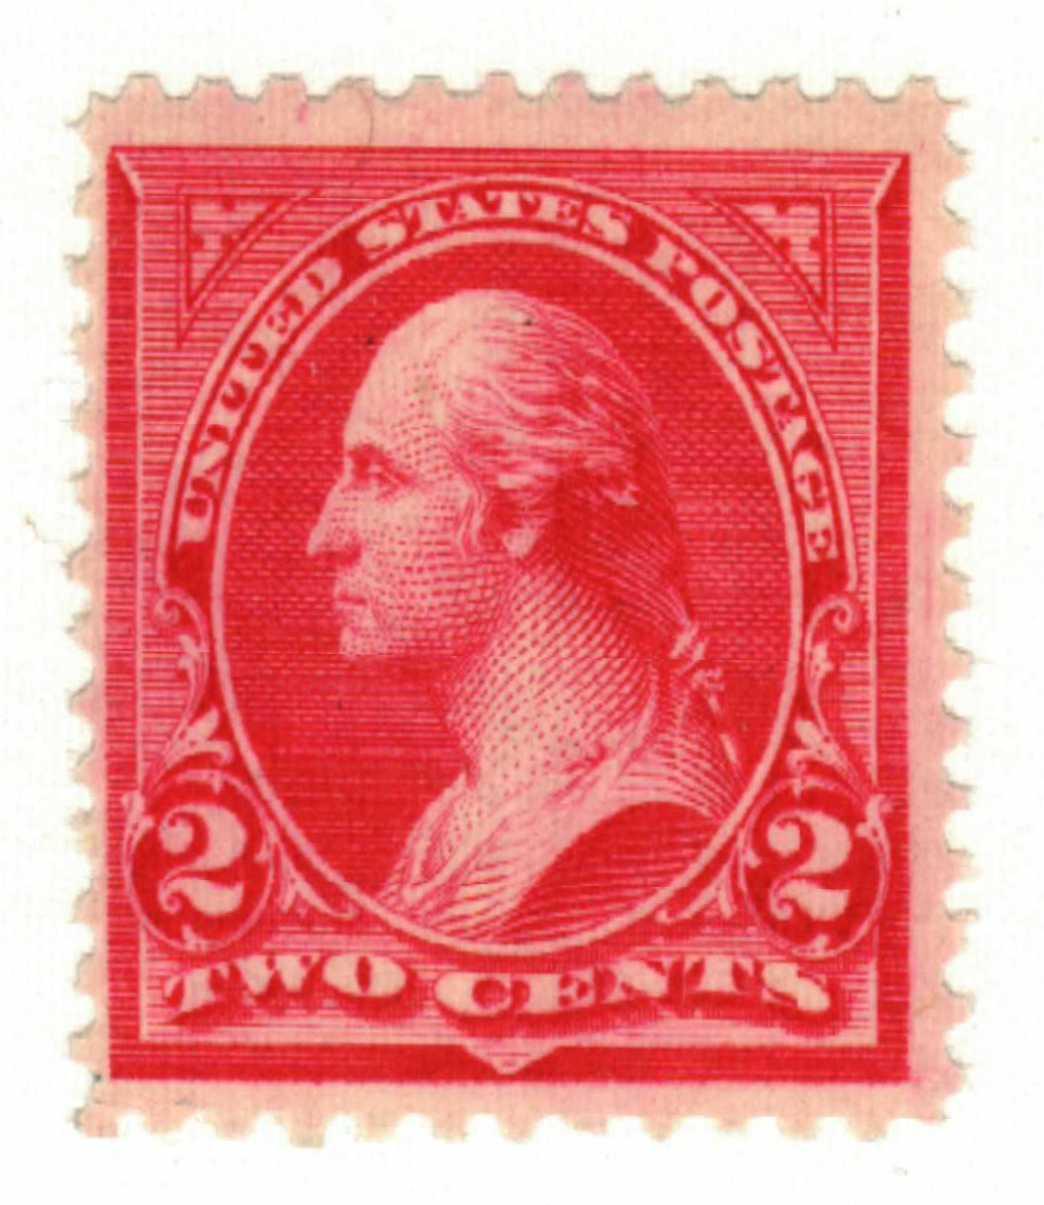 1895 2c Washington, double line watermark, type II